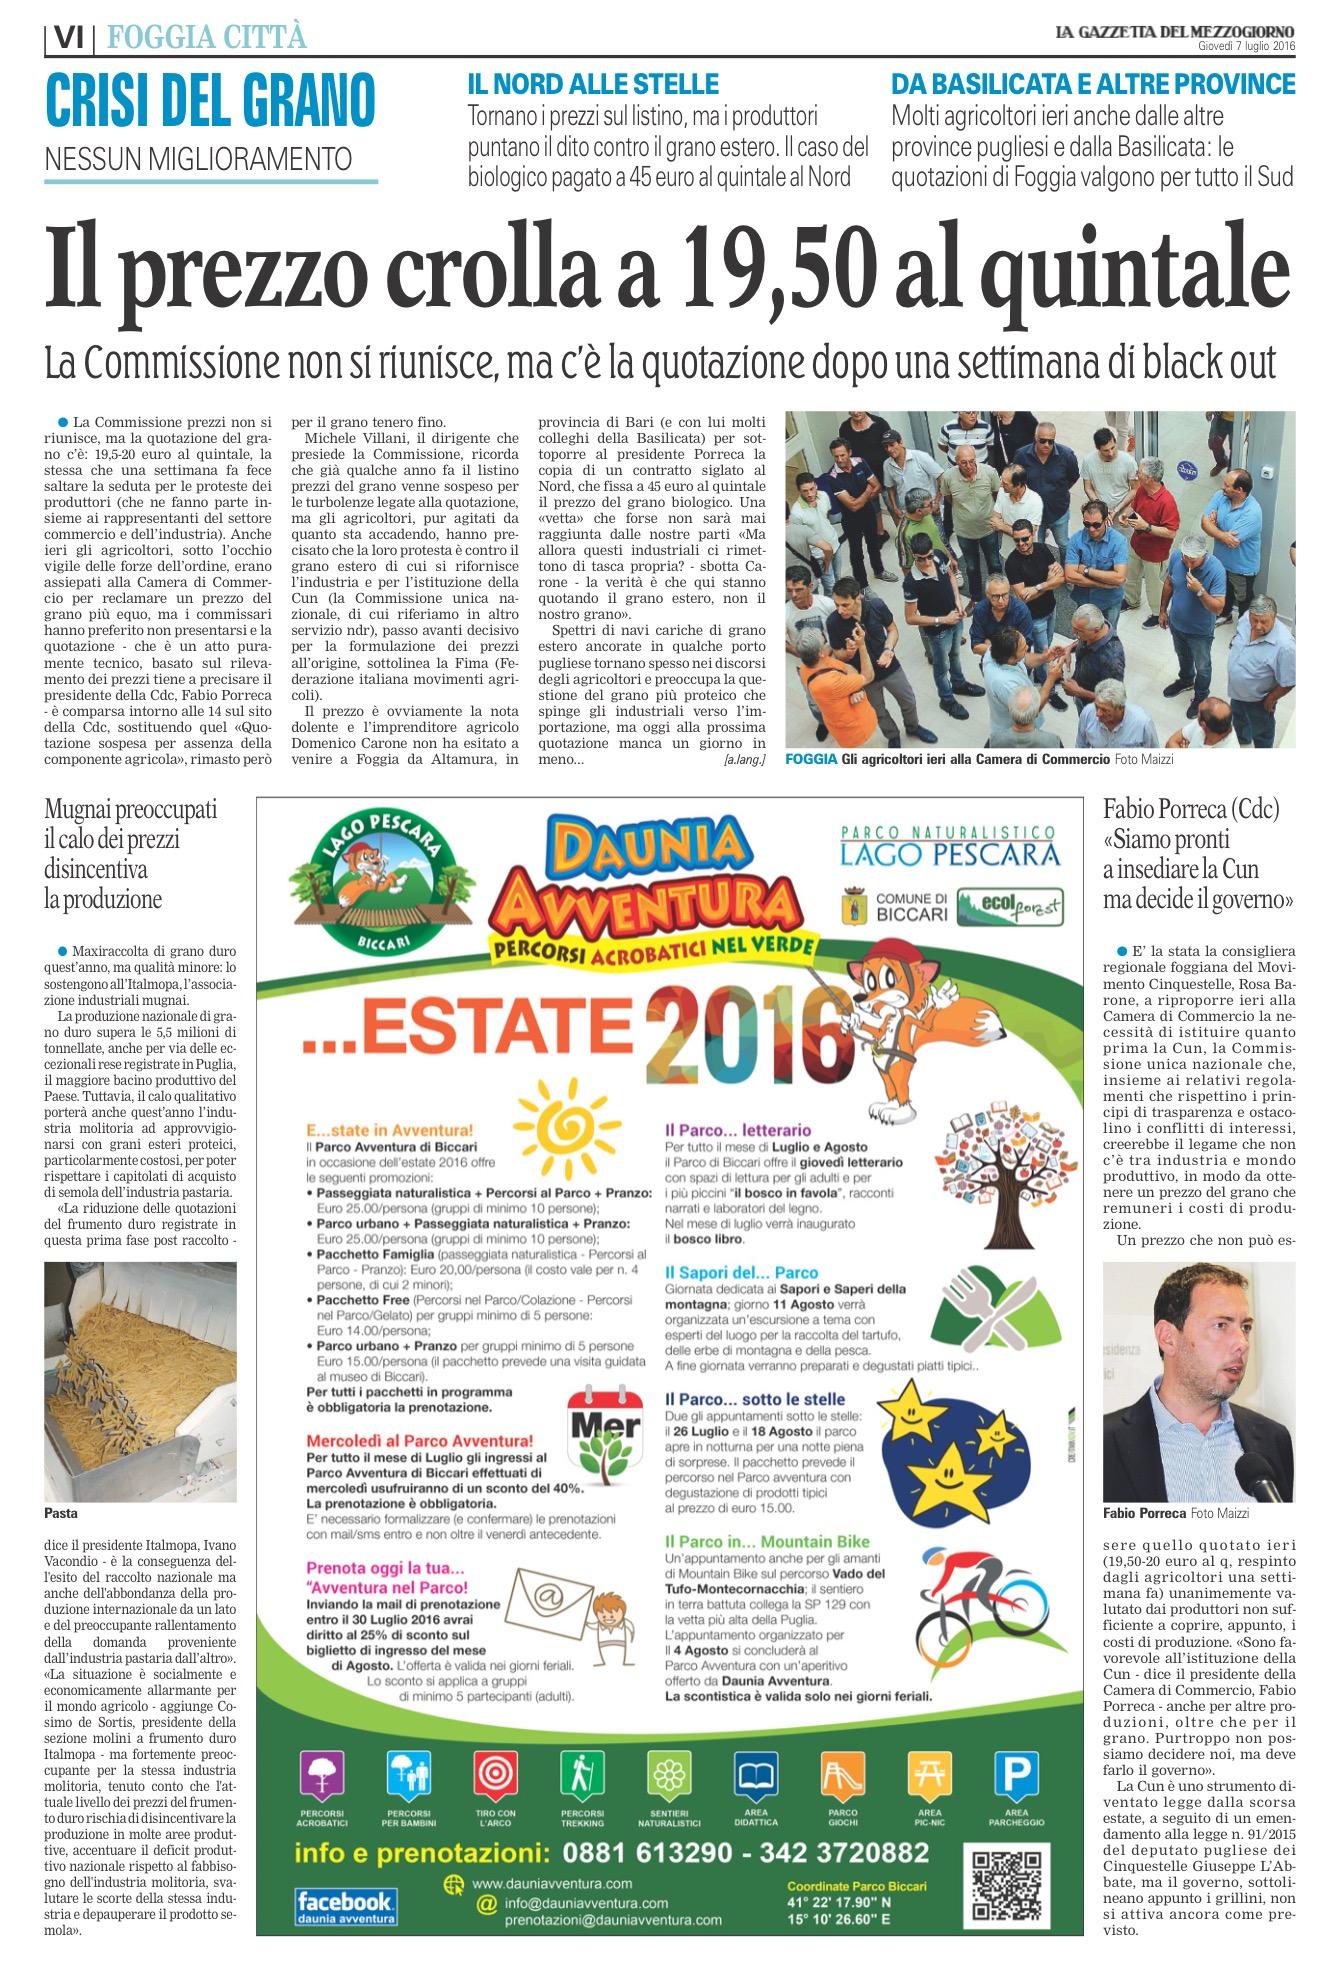 La Gazzetta del Mezzogiorno - 06.07.2016